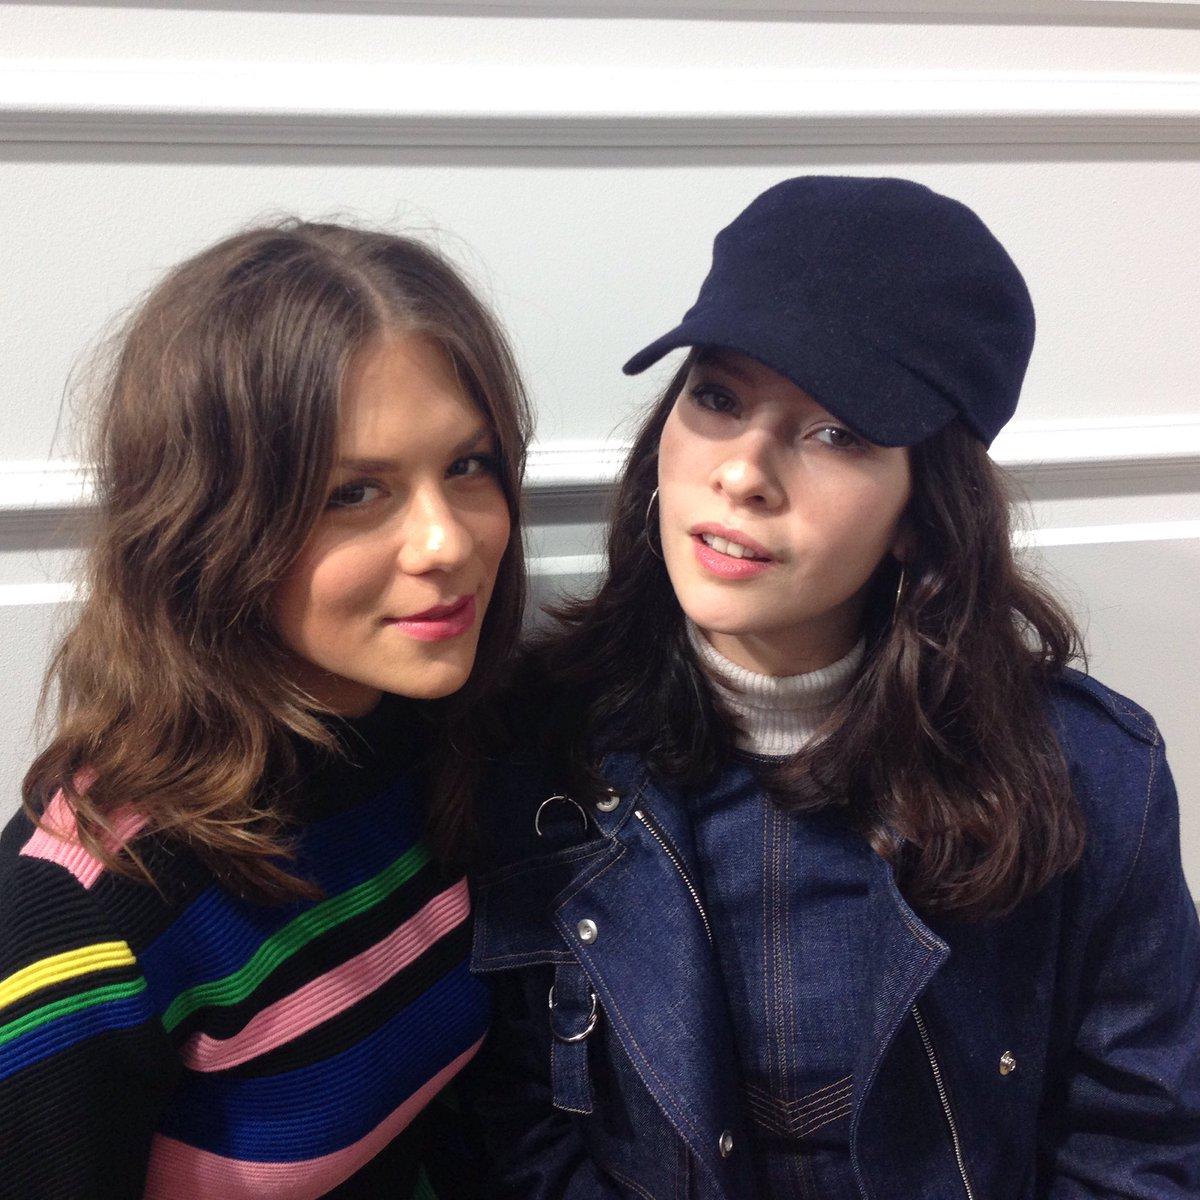 Camille Kostek Runway: @MorganePolanski & Jessamine-Bliss